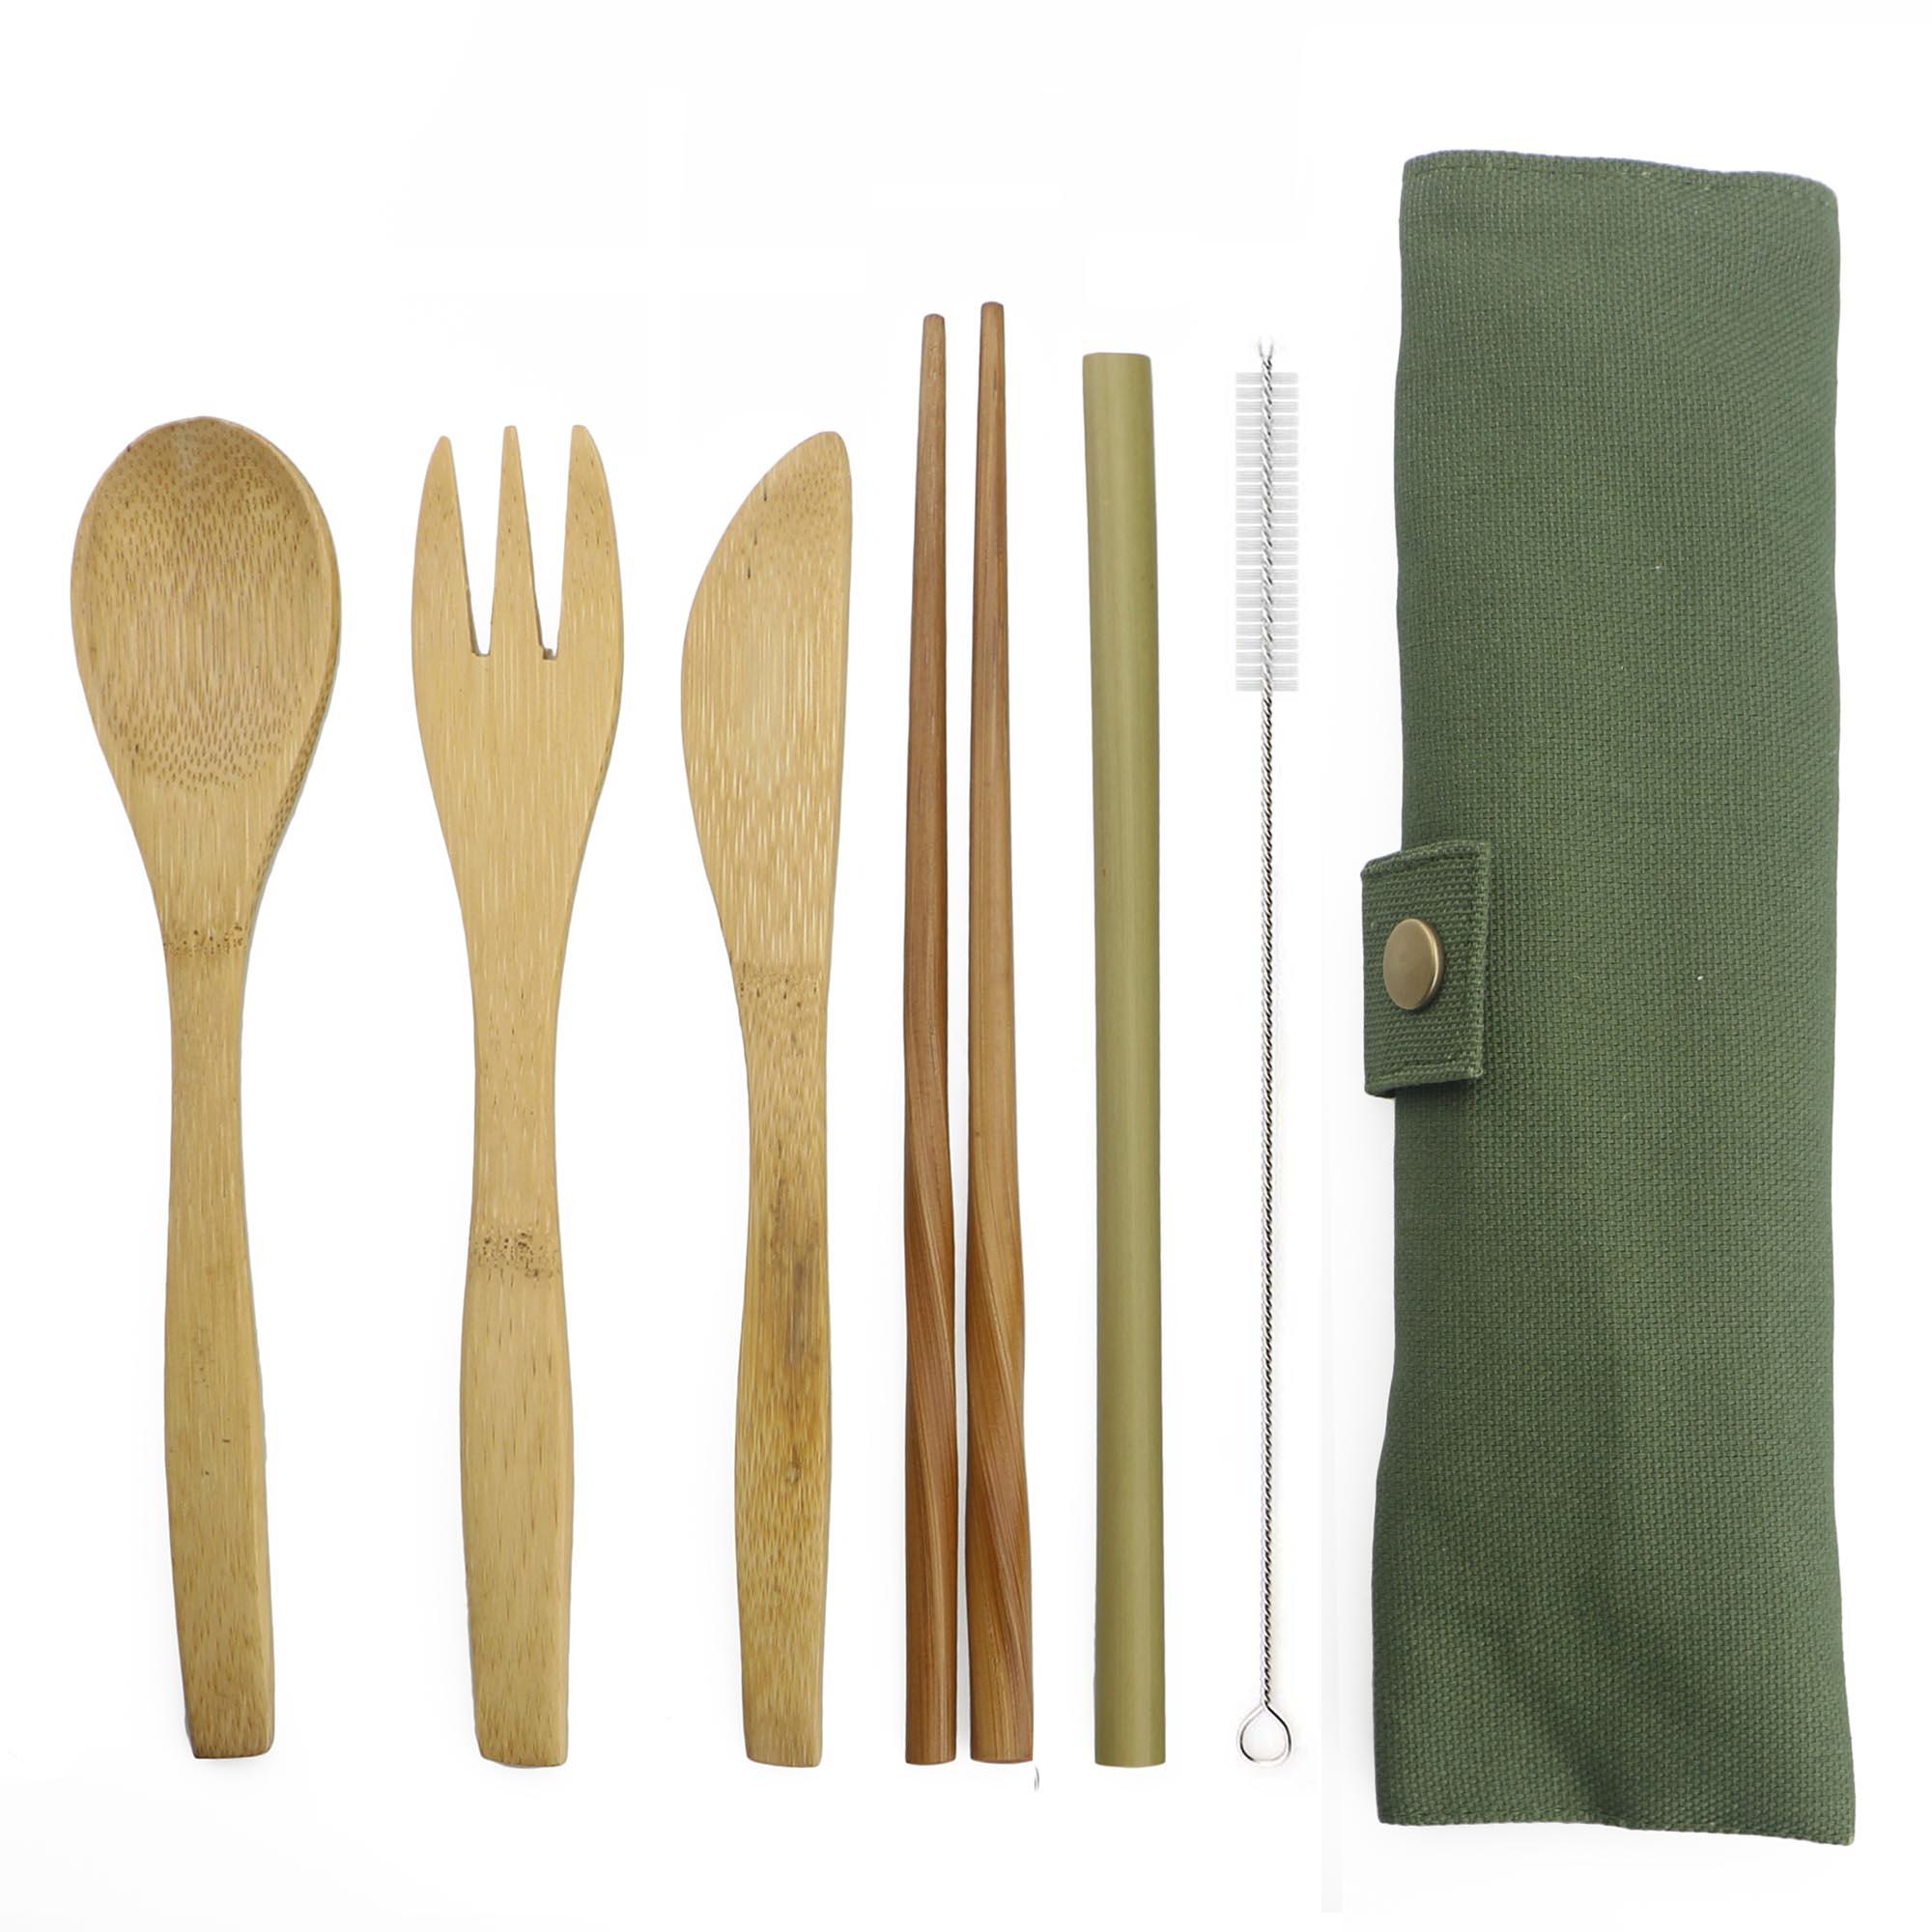 6-stück Tragbare Luxus Geschirr Japanische Holz Besteck Set Bambus Besteck Stroh Mit Tuch Tasche Küche Lebensmittel Geschirr Abendessen